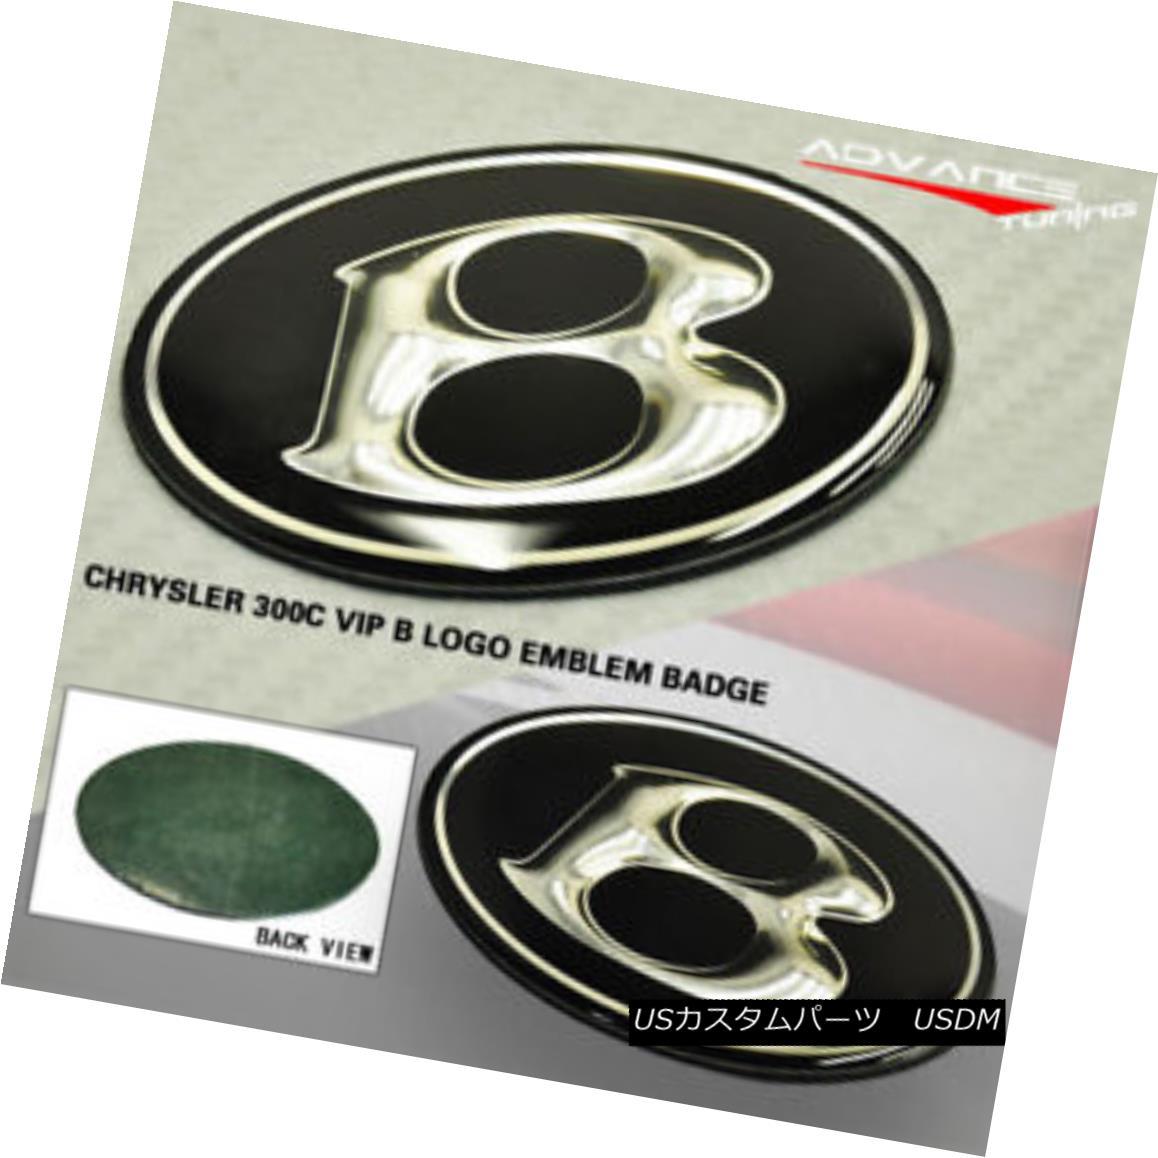 グリル Fits 05-10 Chrysler 300C VIP Front Center Grille Grill Super B Emblem Black フィット05-10クライスラー300C VIPフロントセンターグリルグリルスーパーBエンブレムブラック